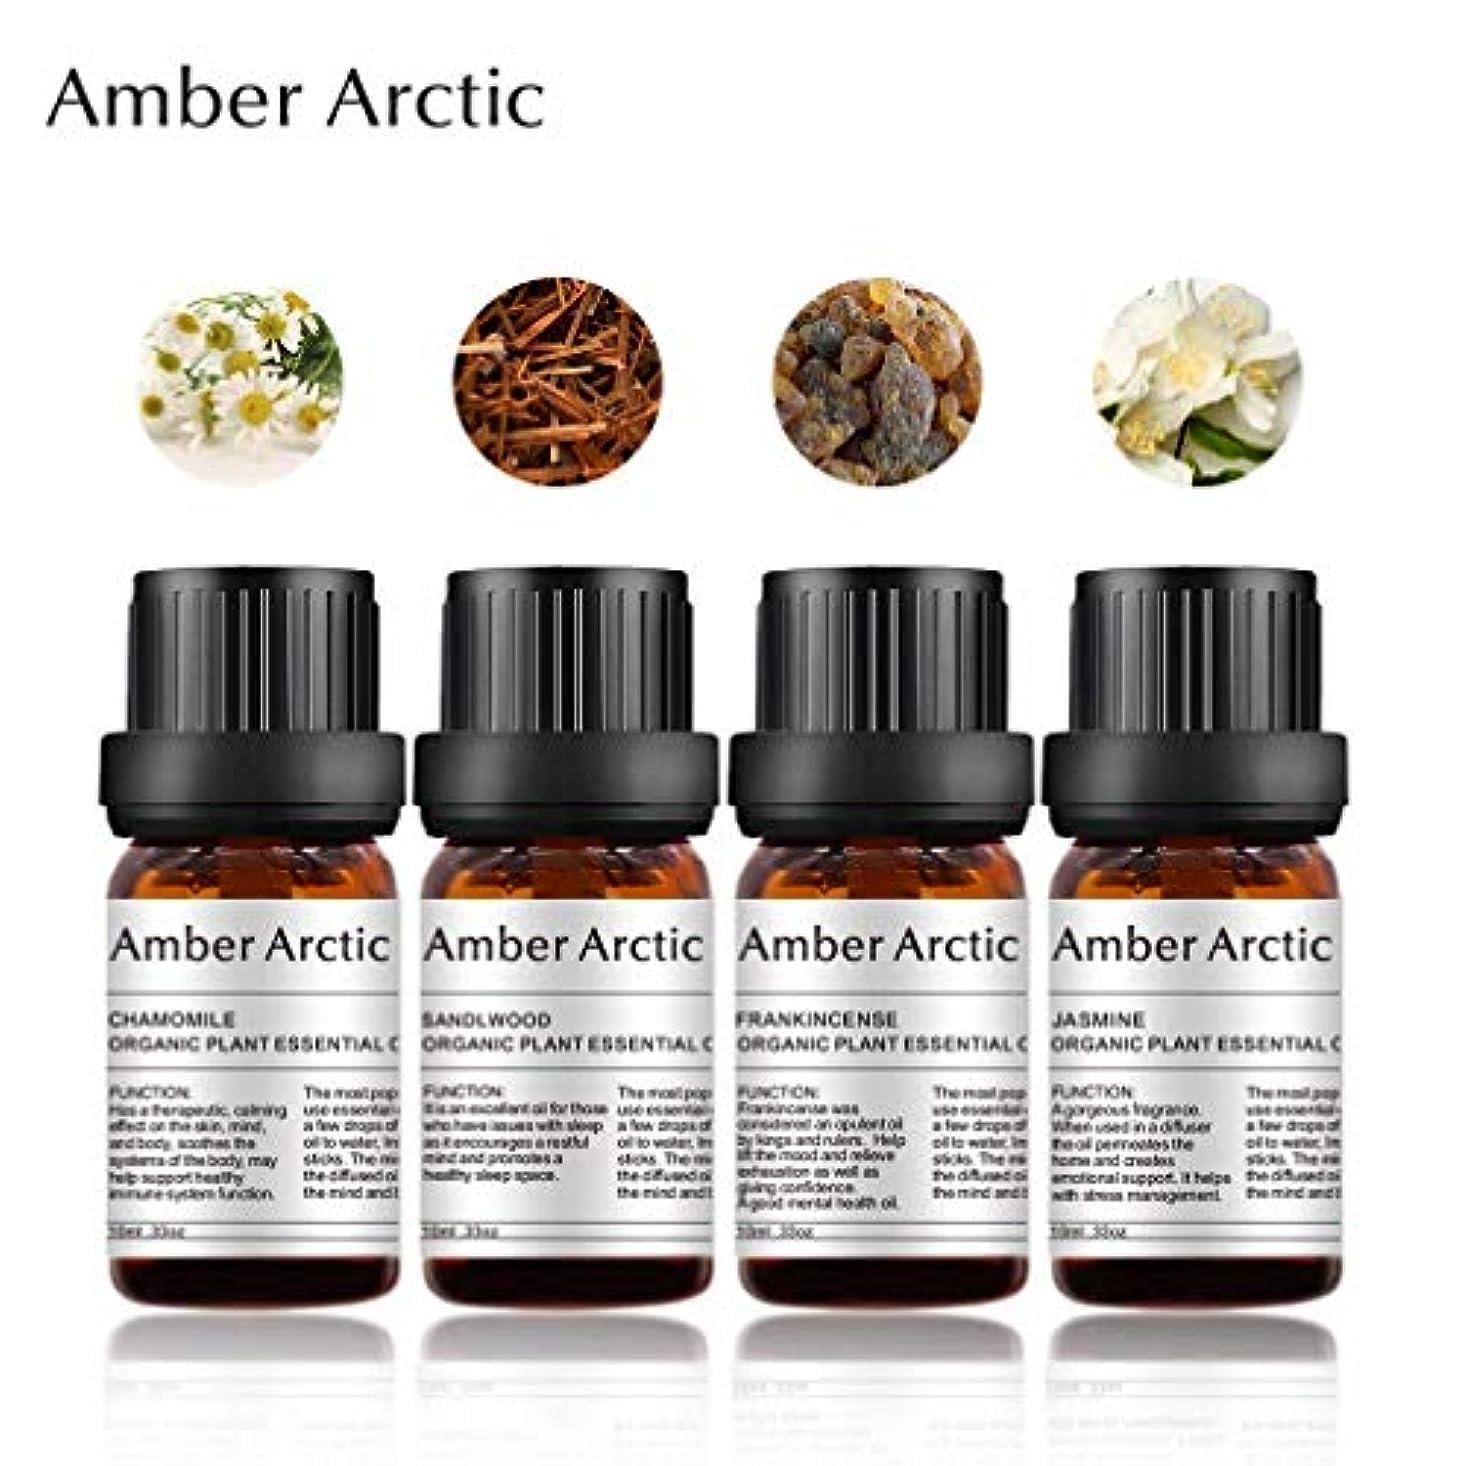 羽層崖Amber Arctic 4 パック 精油 セット、 100% 純粋 天然 アロマ 最良 治療 グレード エッセンシャル オイル (ジャスミン、 カモミール、 サンダルウッド、 フランキンセンス)